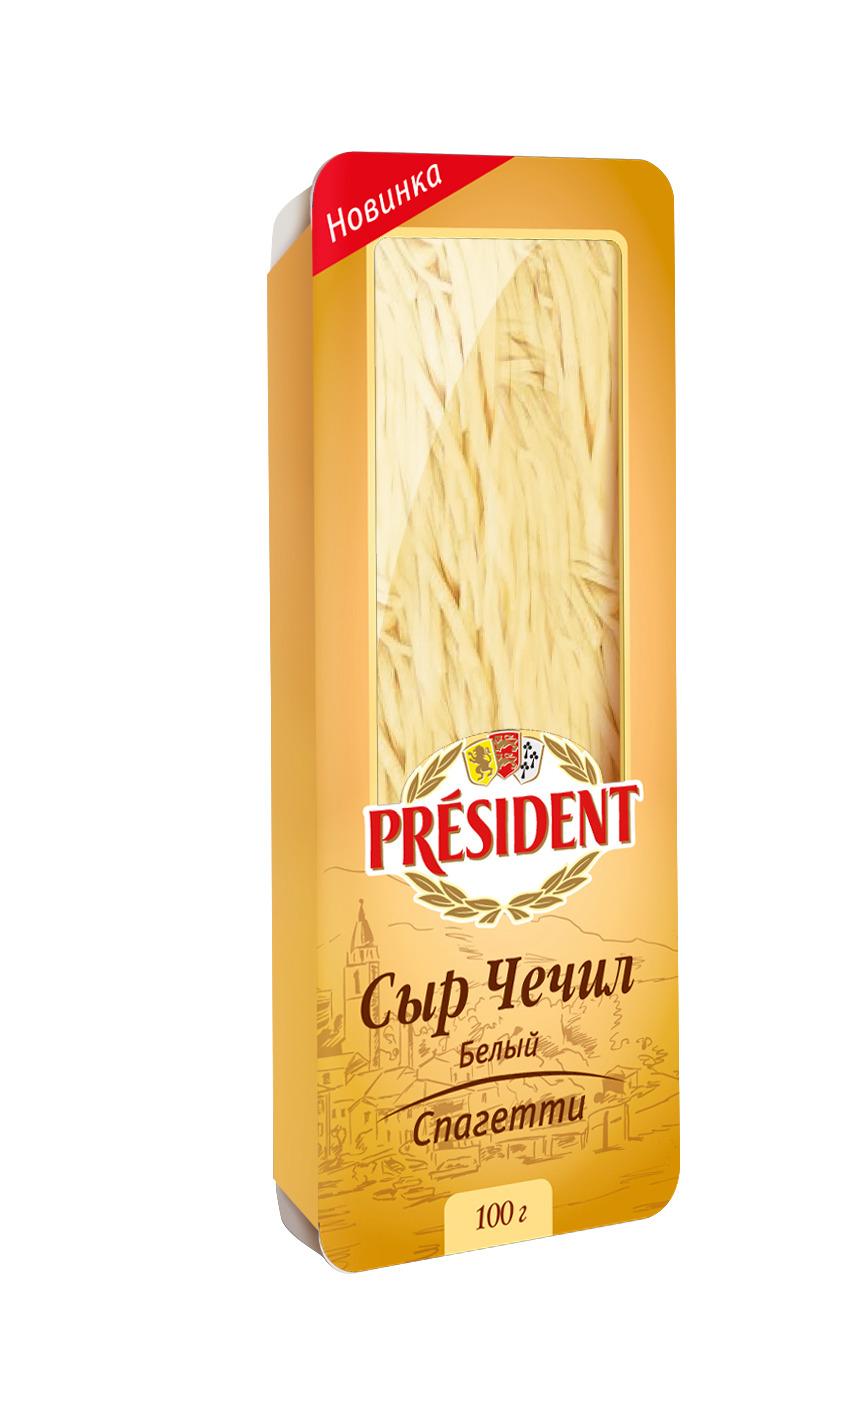 Президент БЗМЖ Сыр Чечил белый спагетти 35% President сыр рассольный красногвардейские чечил спагетти 40% 120 г